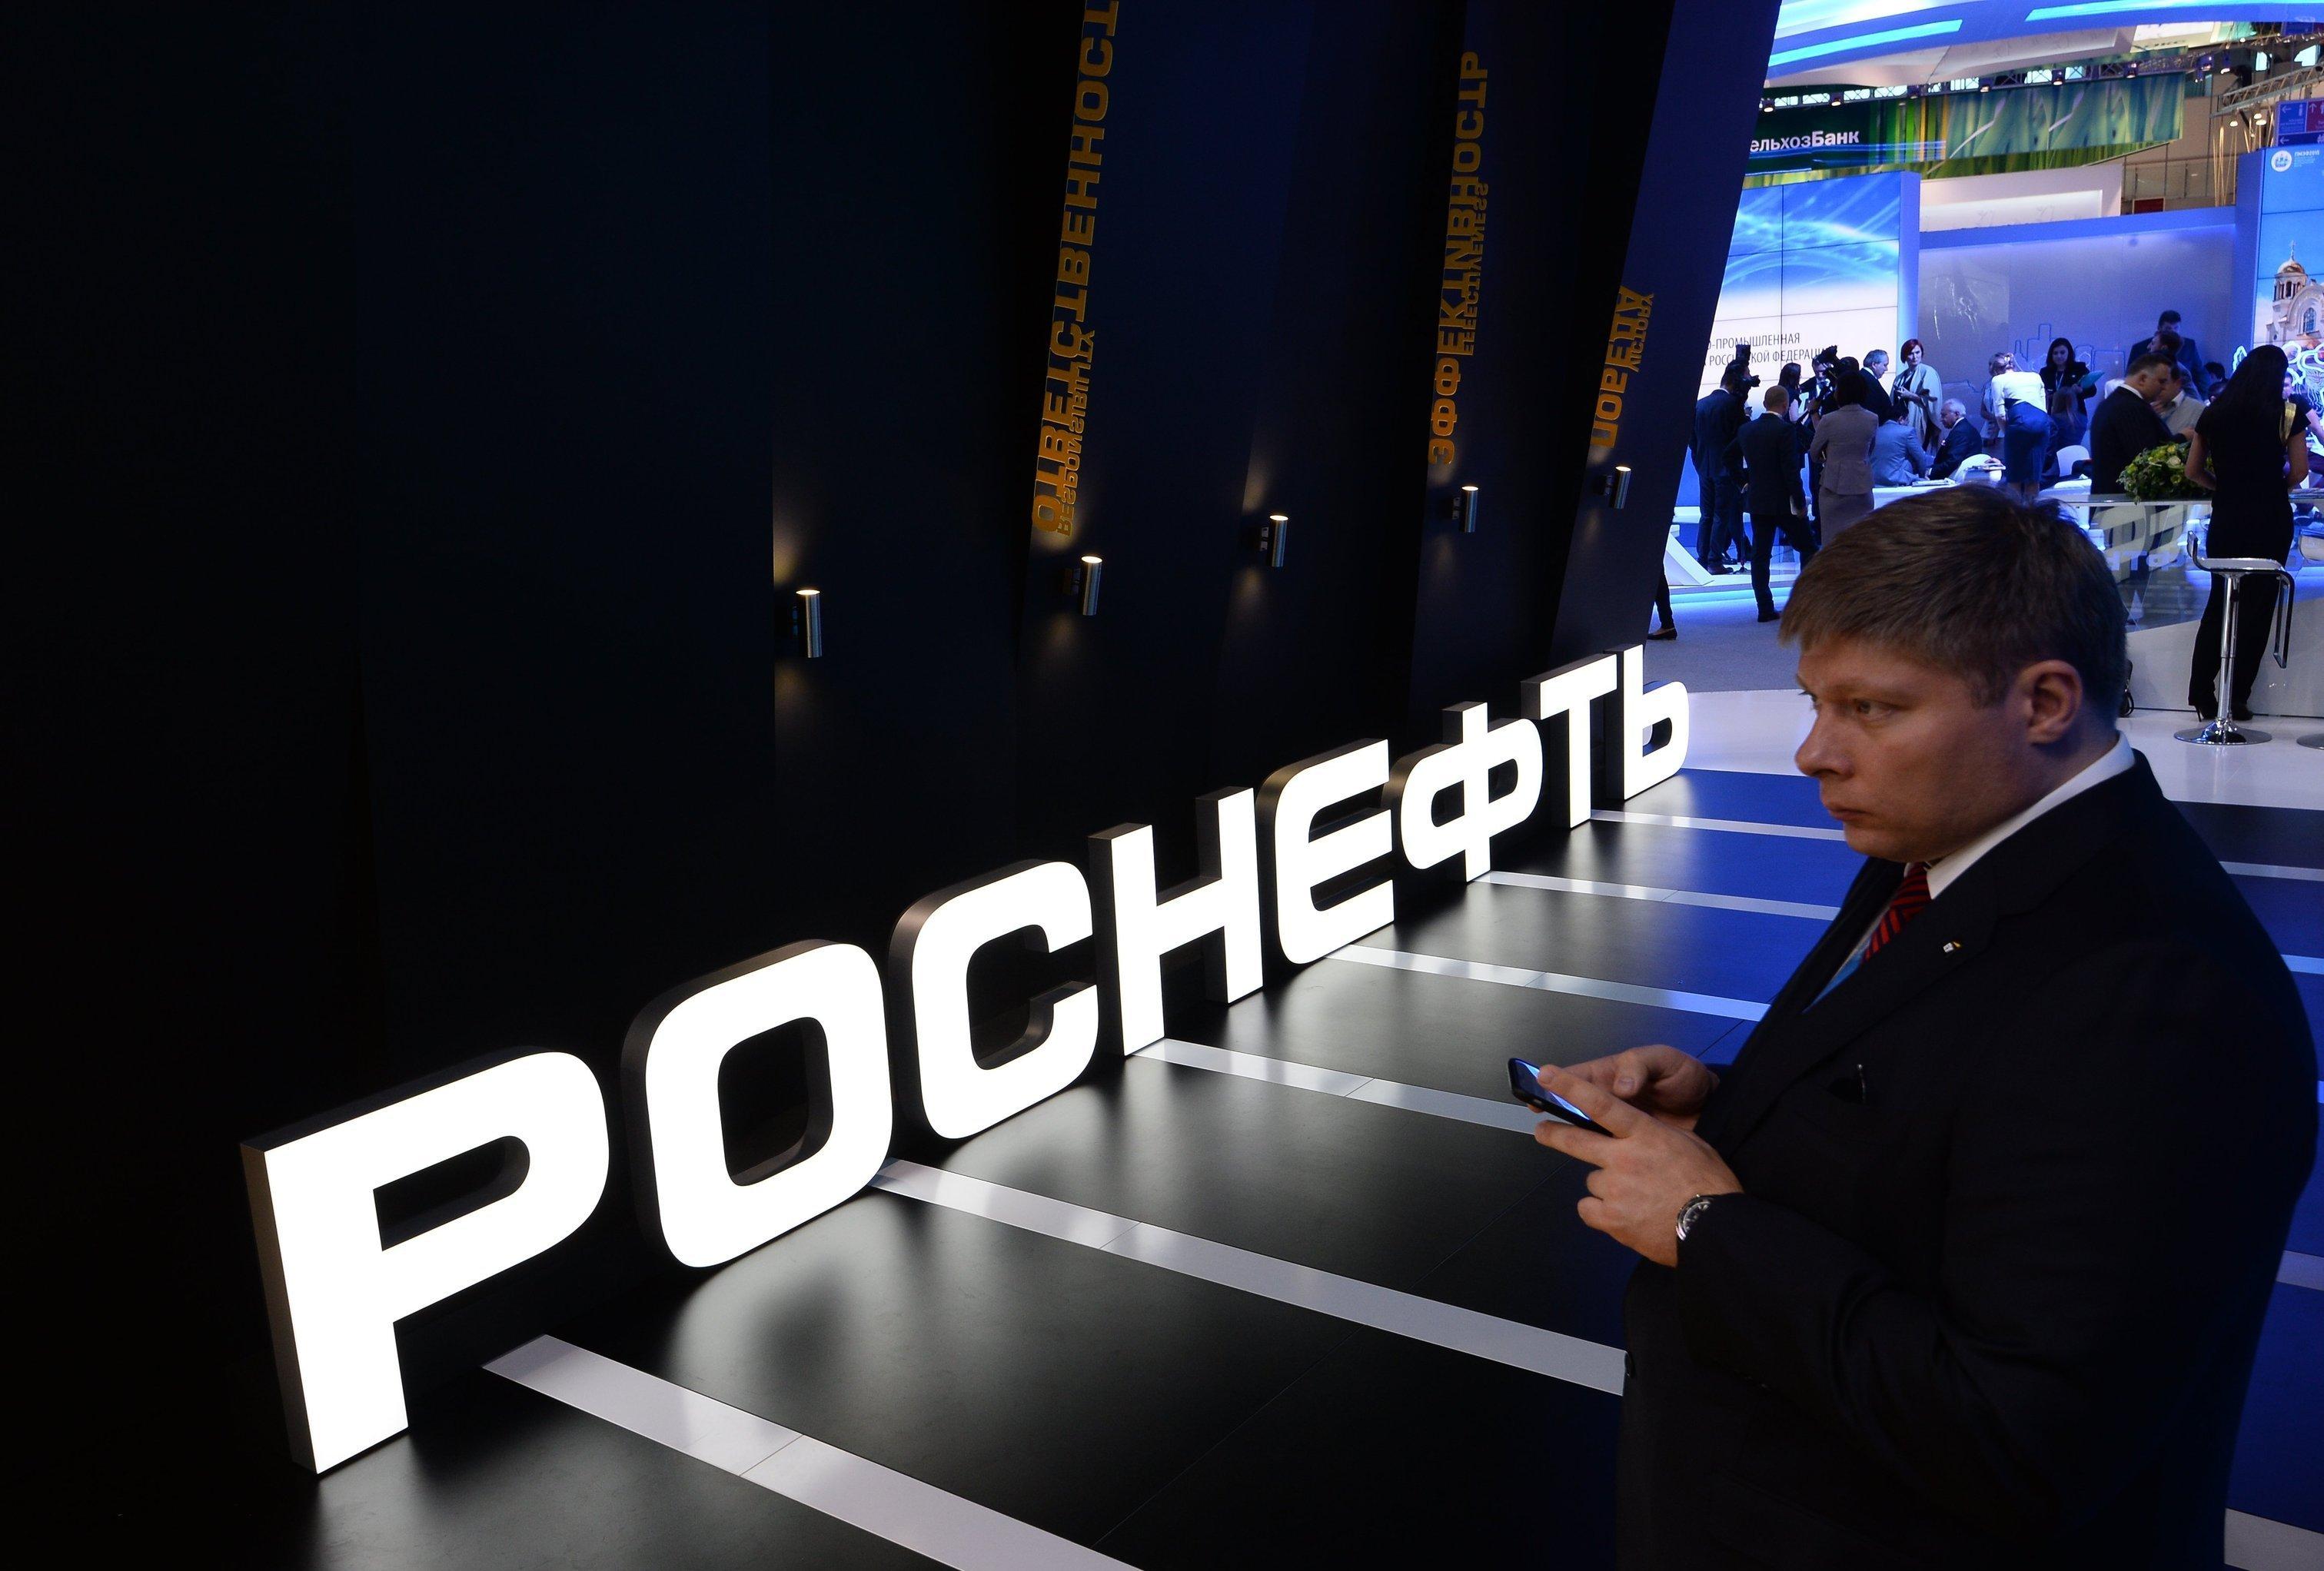 Действительно ли Россия в 2016 году стала привлекательна для инвестиций?